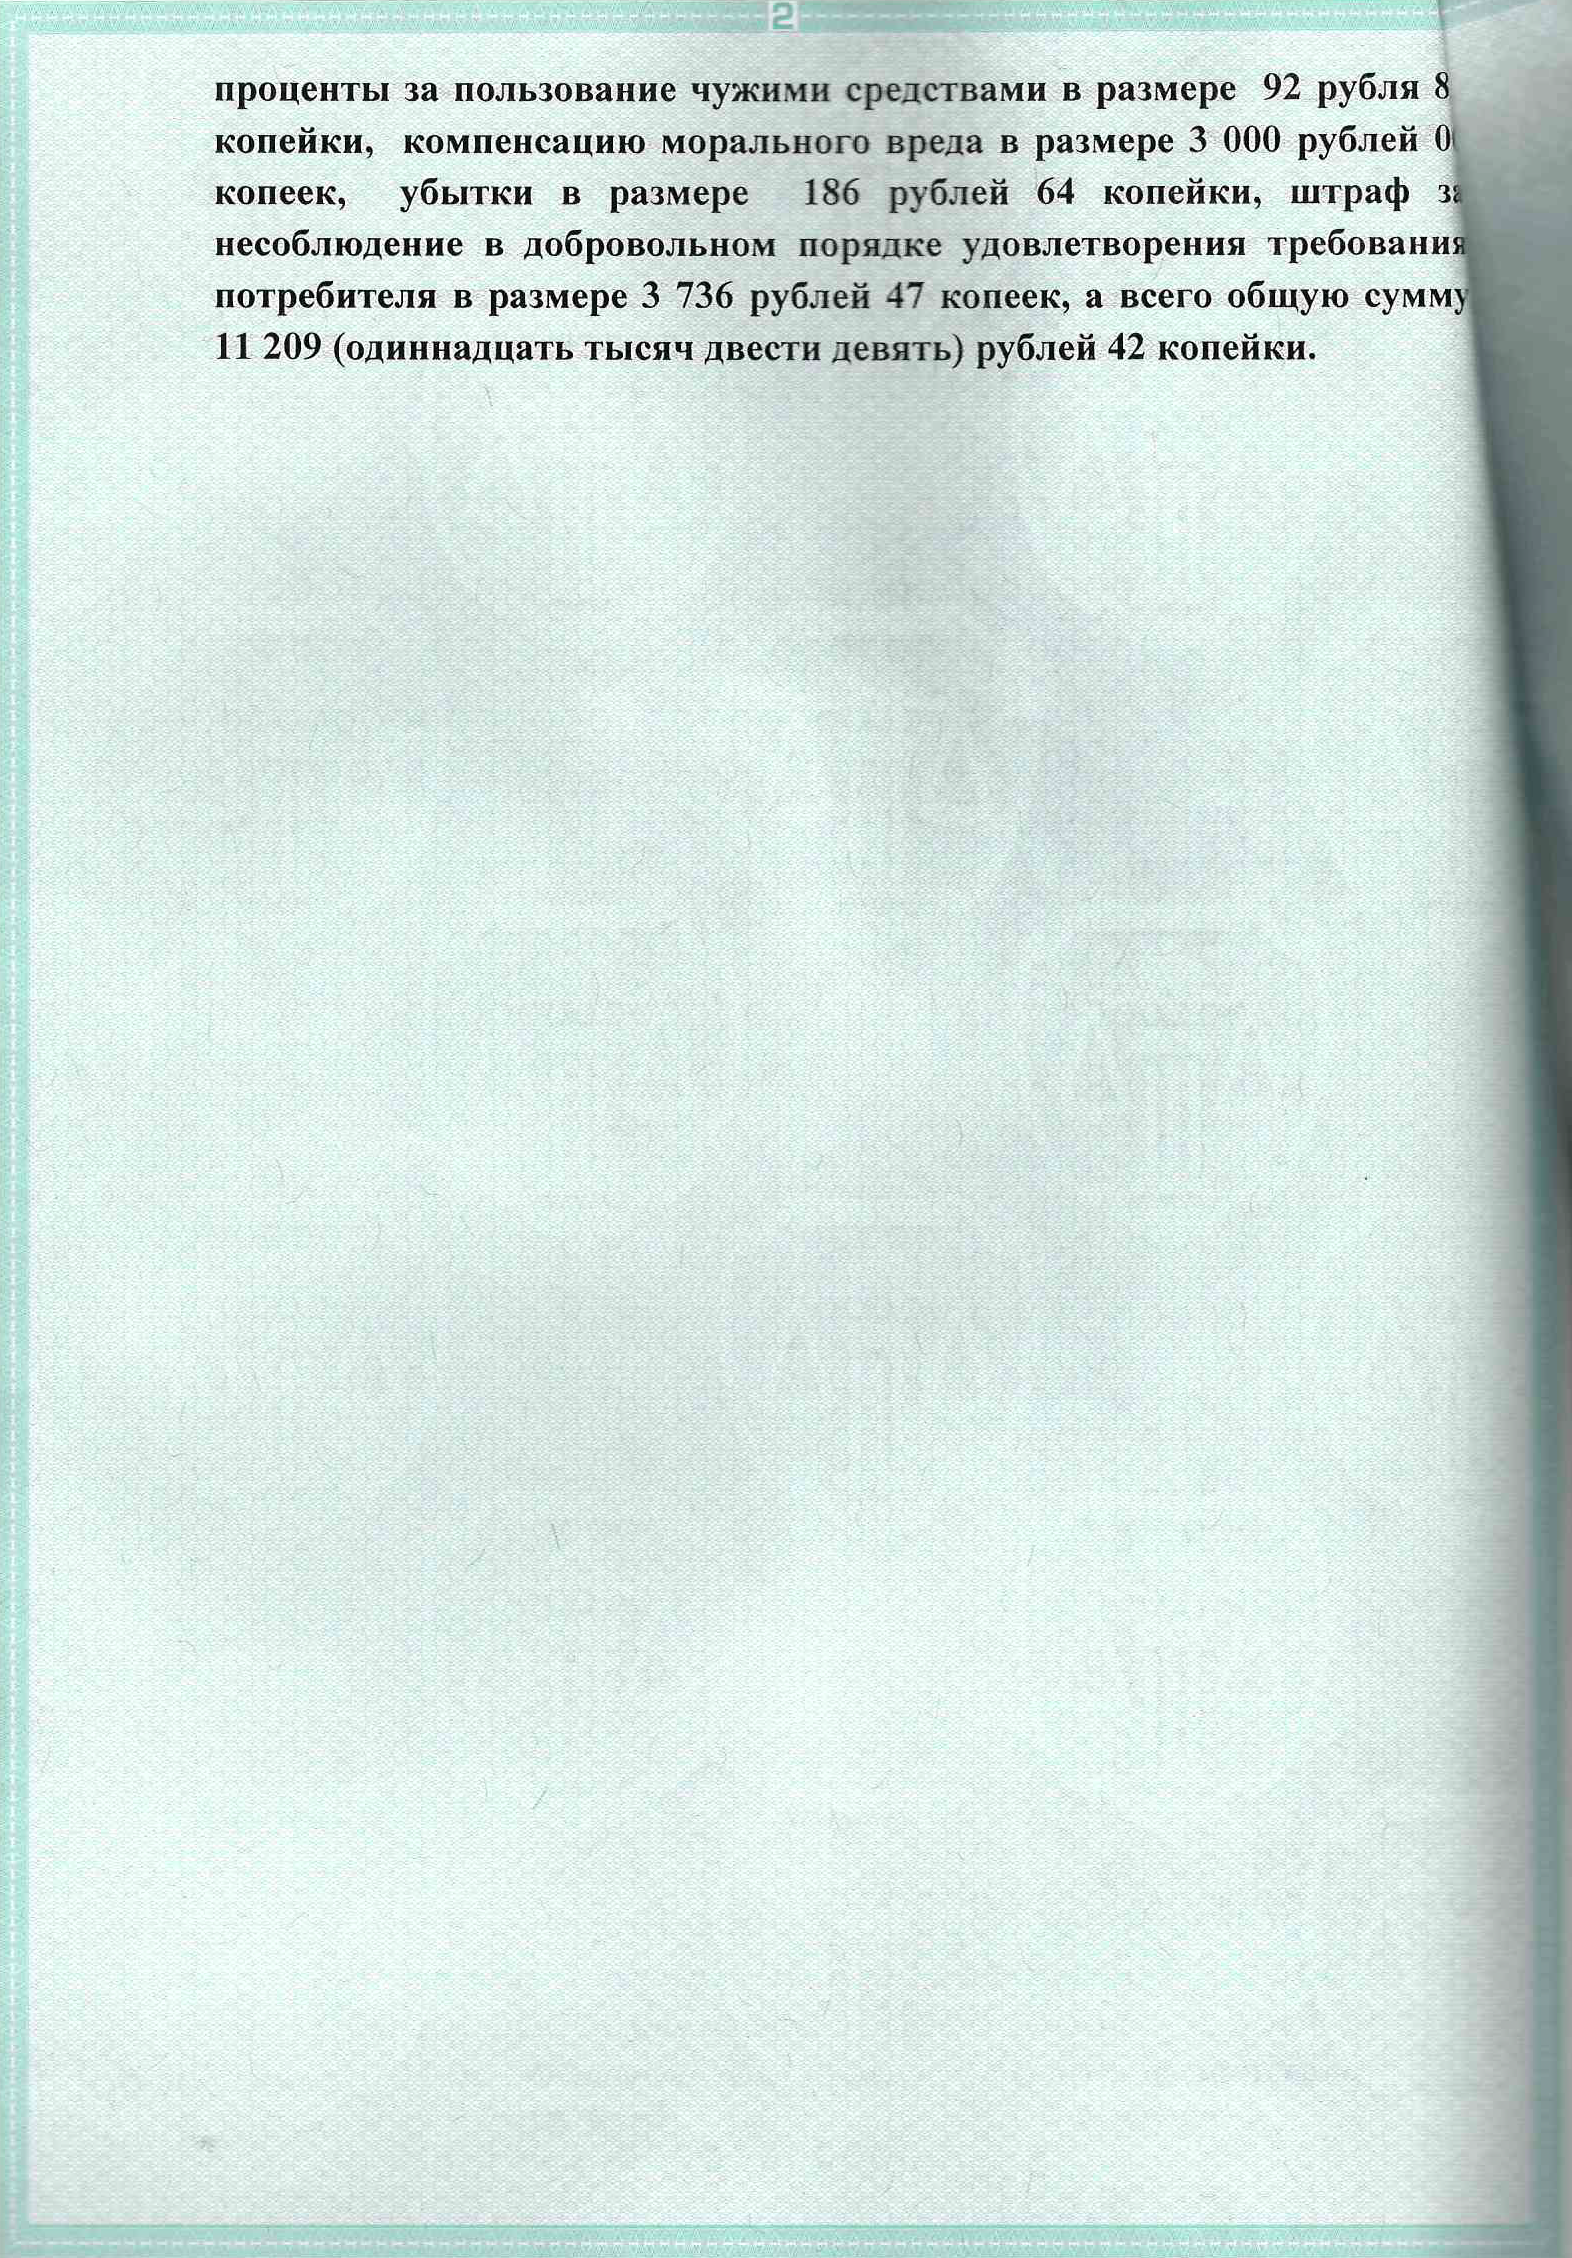 Оригинал исполнительного листа яприложила кзаявлению овозбуждении исполнительного производства